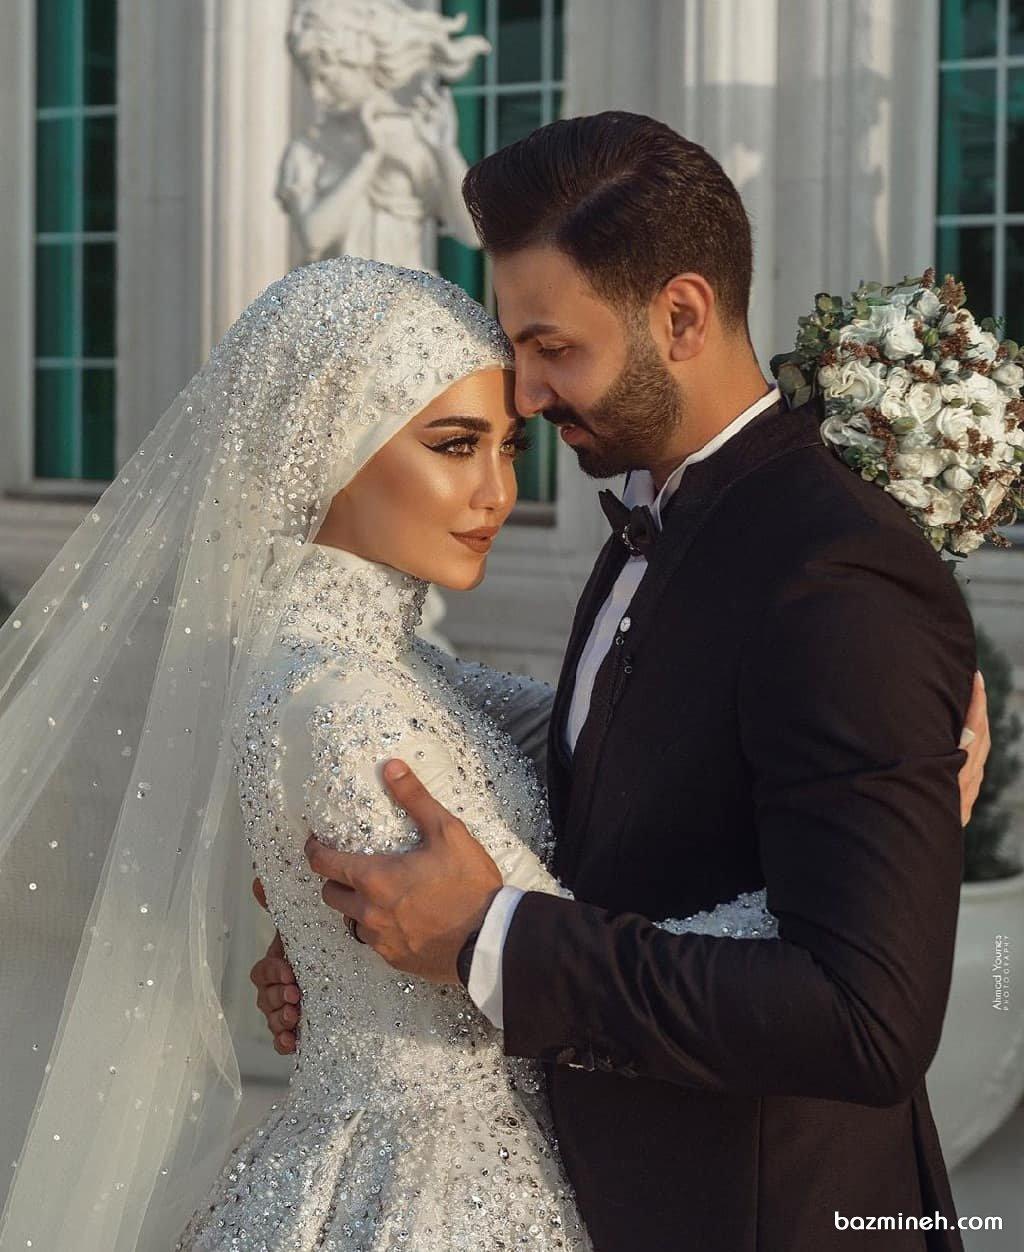 چه مدارکی برای ثبت عقد در دفتر ازدواج لازم است و چند شاهد برای عقد باید حضور داشته باشند؟